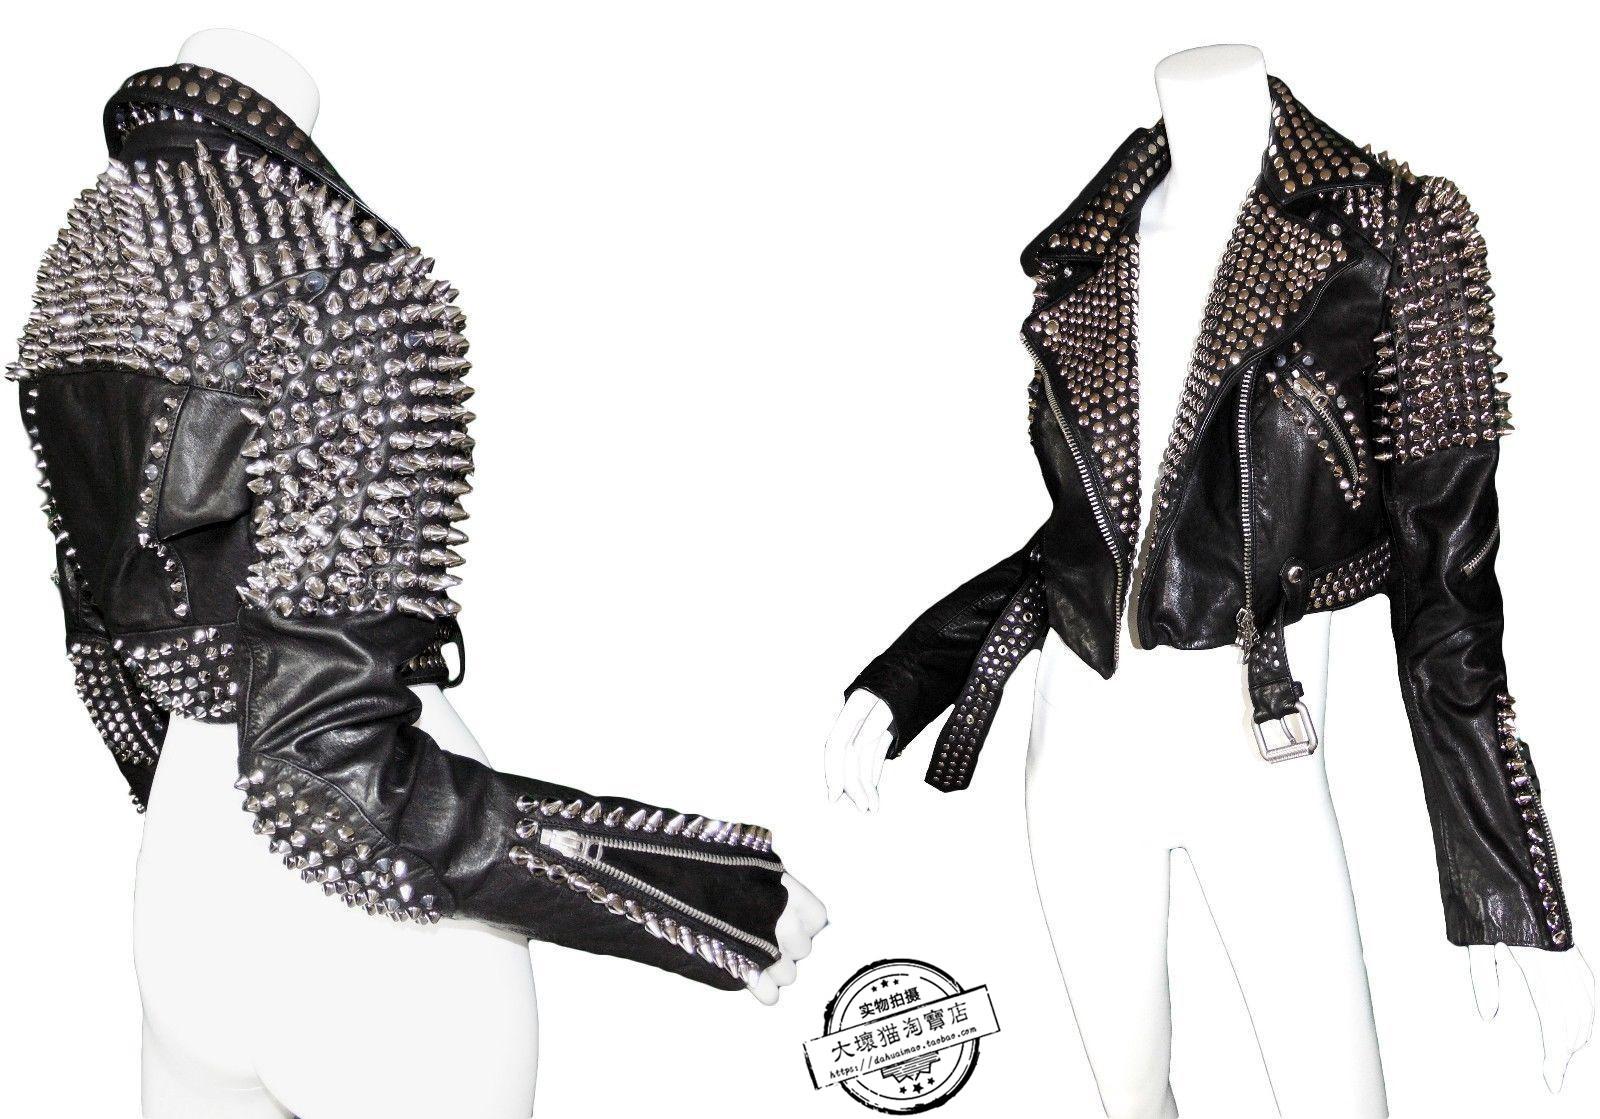 朋克皮衣 铆钉机车朋克皮衣外套  女士镶嵌皮革摩托车夹克摇滚个性时尚_推荐淘宝好看的朋克皮衣女